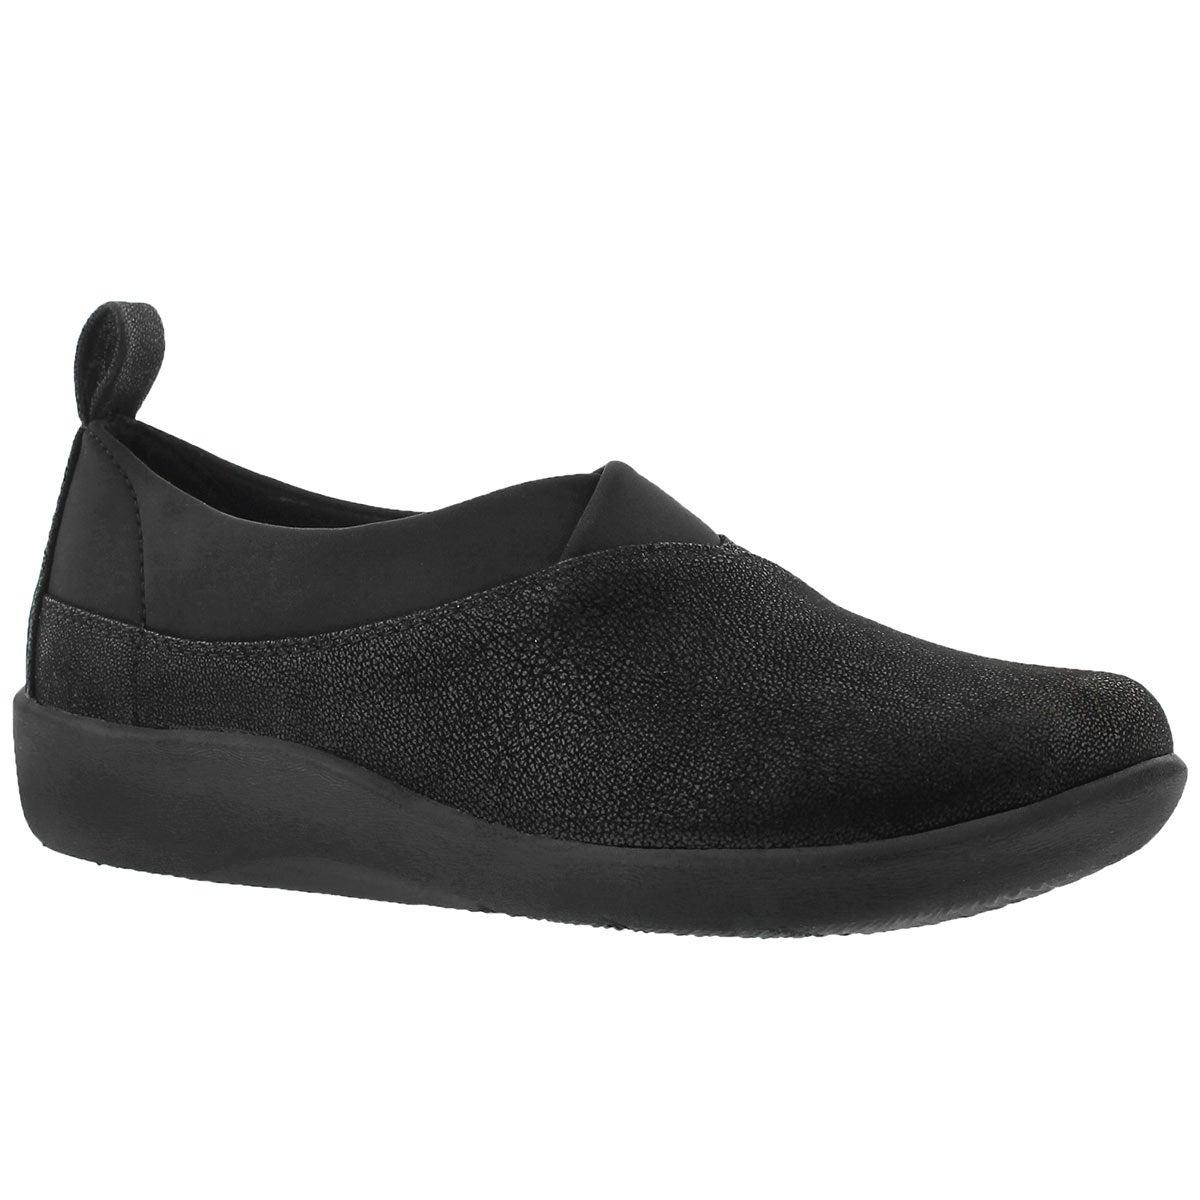 Lds Sillian Greer black casual slip on